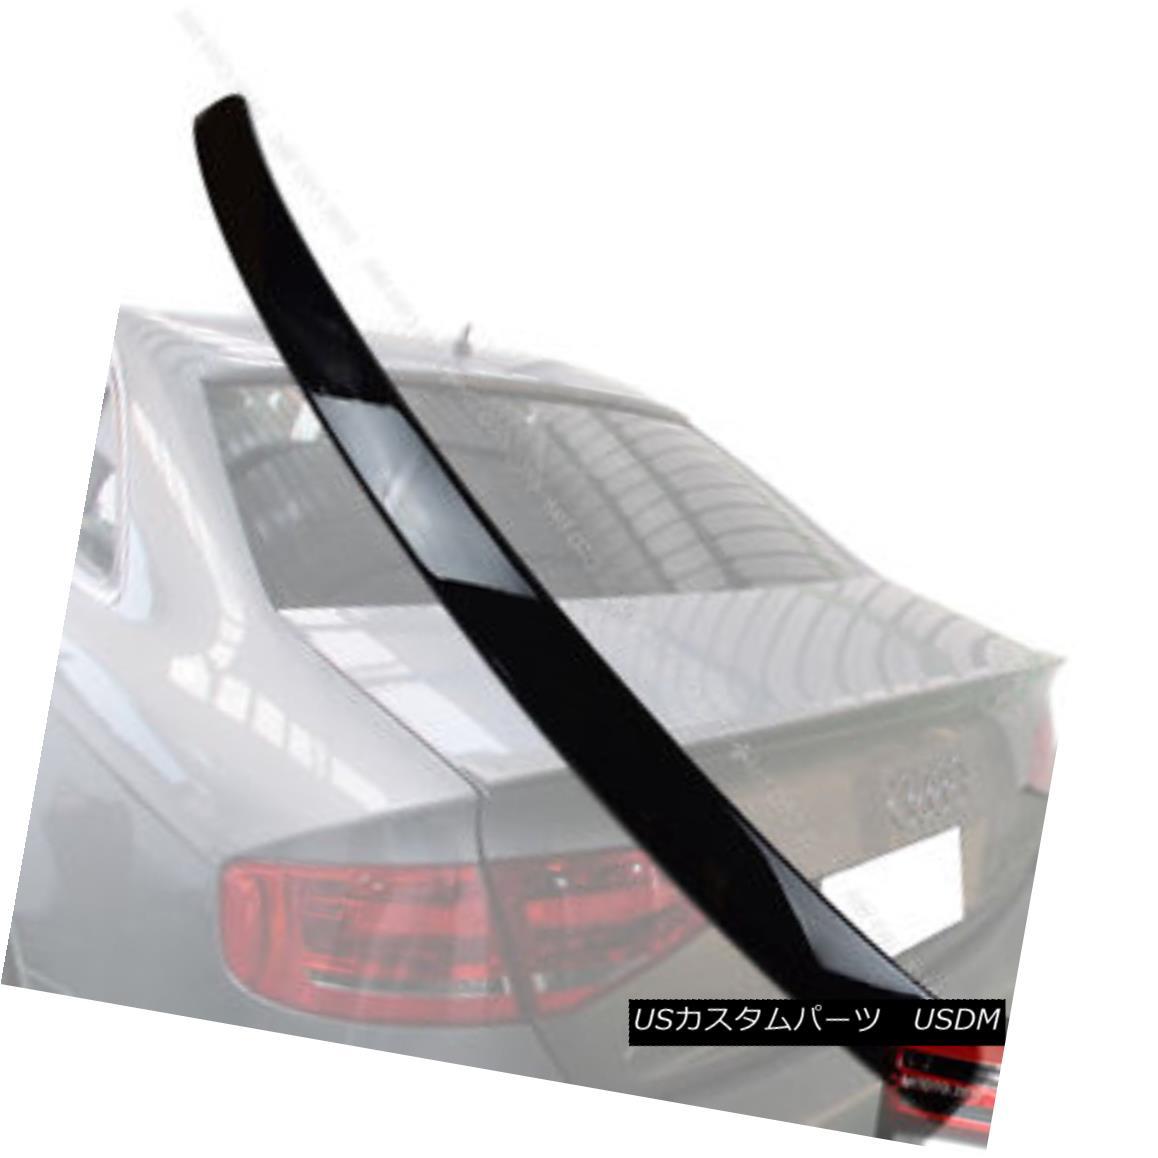 エアロパーツ Painted AUDI A4 B8 Rear Roof Spoiler Wing NEW 09 10 11 § 塗装AUDI A4 B8リアルーフスポイラーウイングNEW 09 10 11